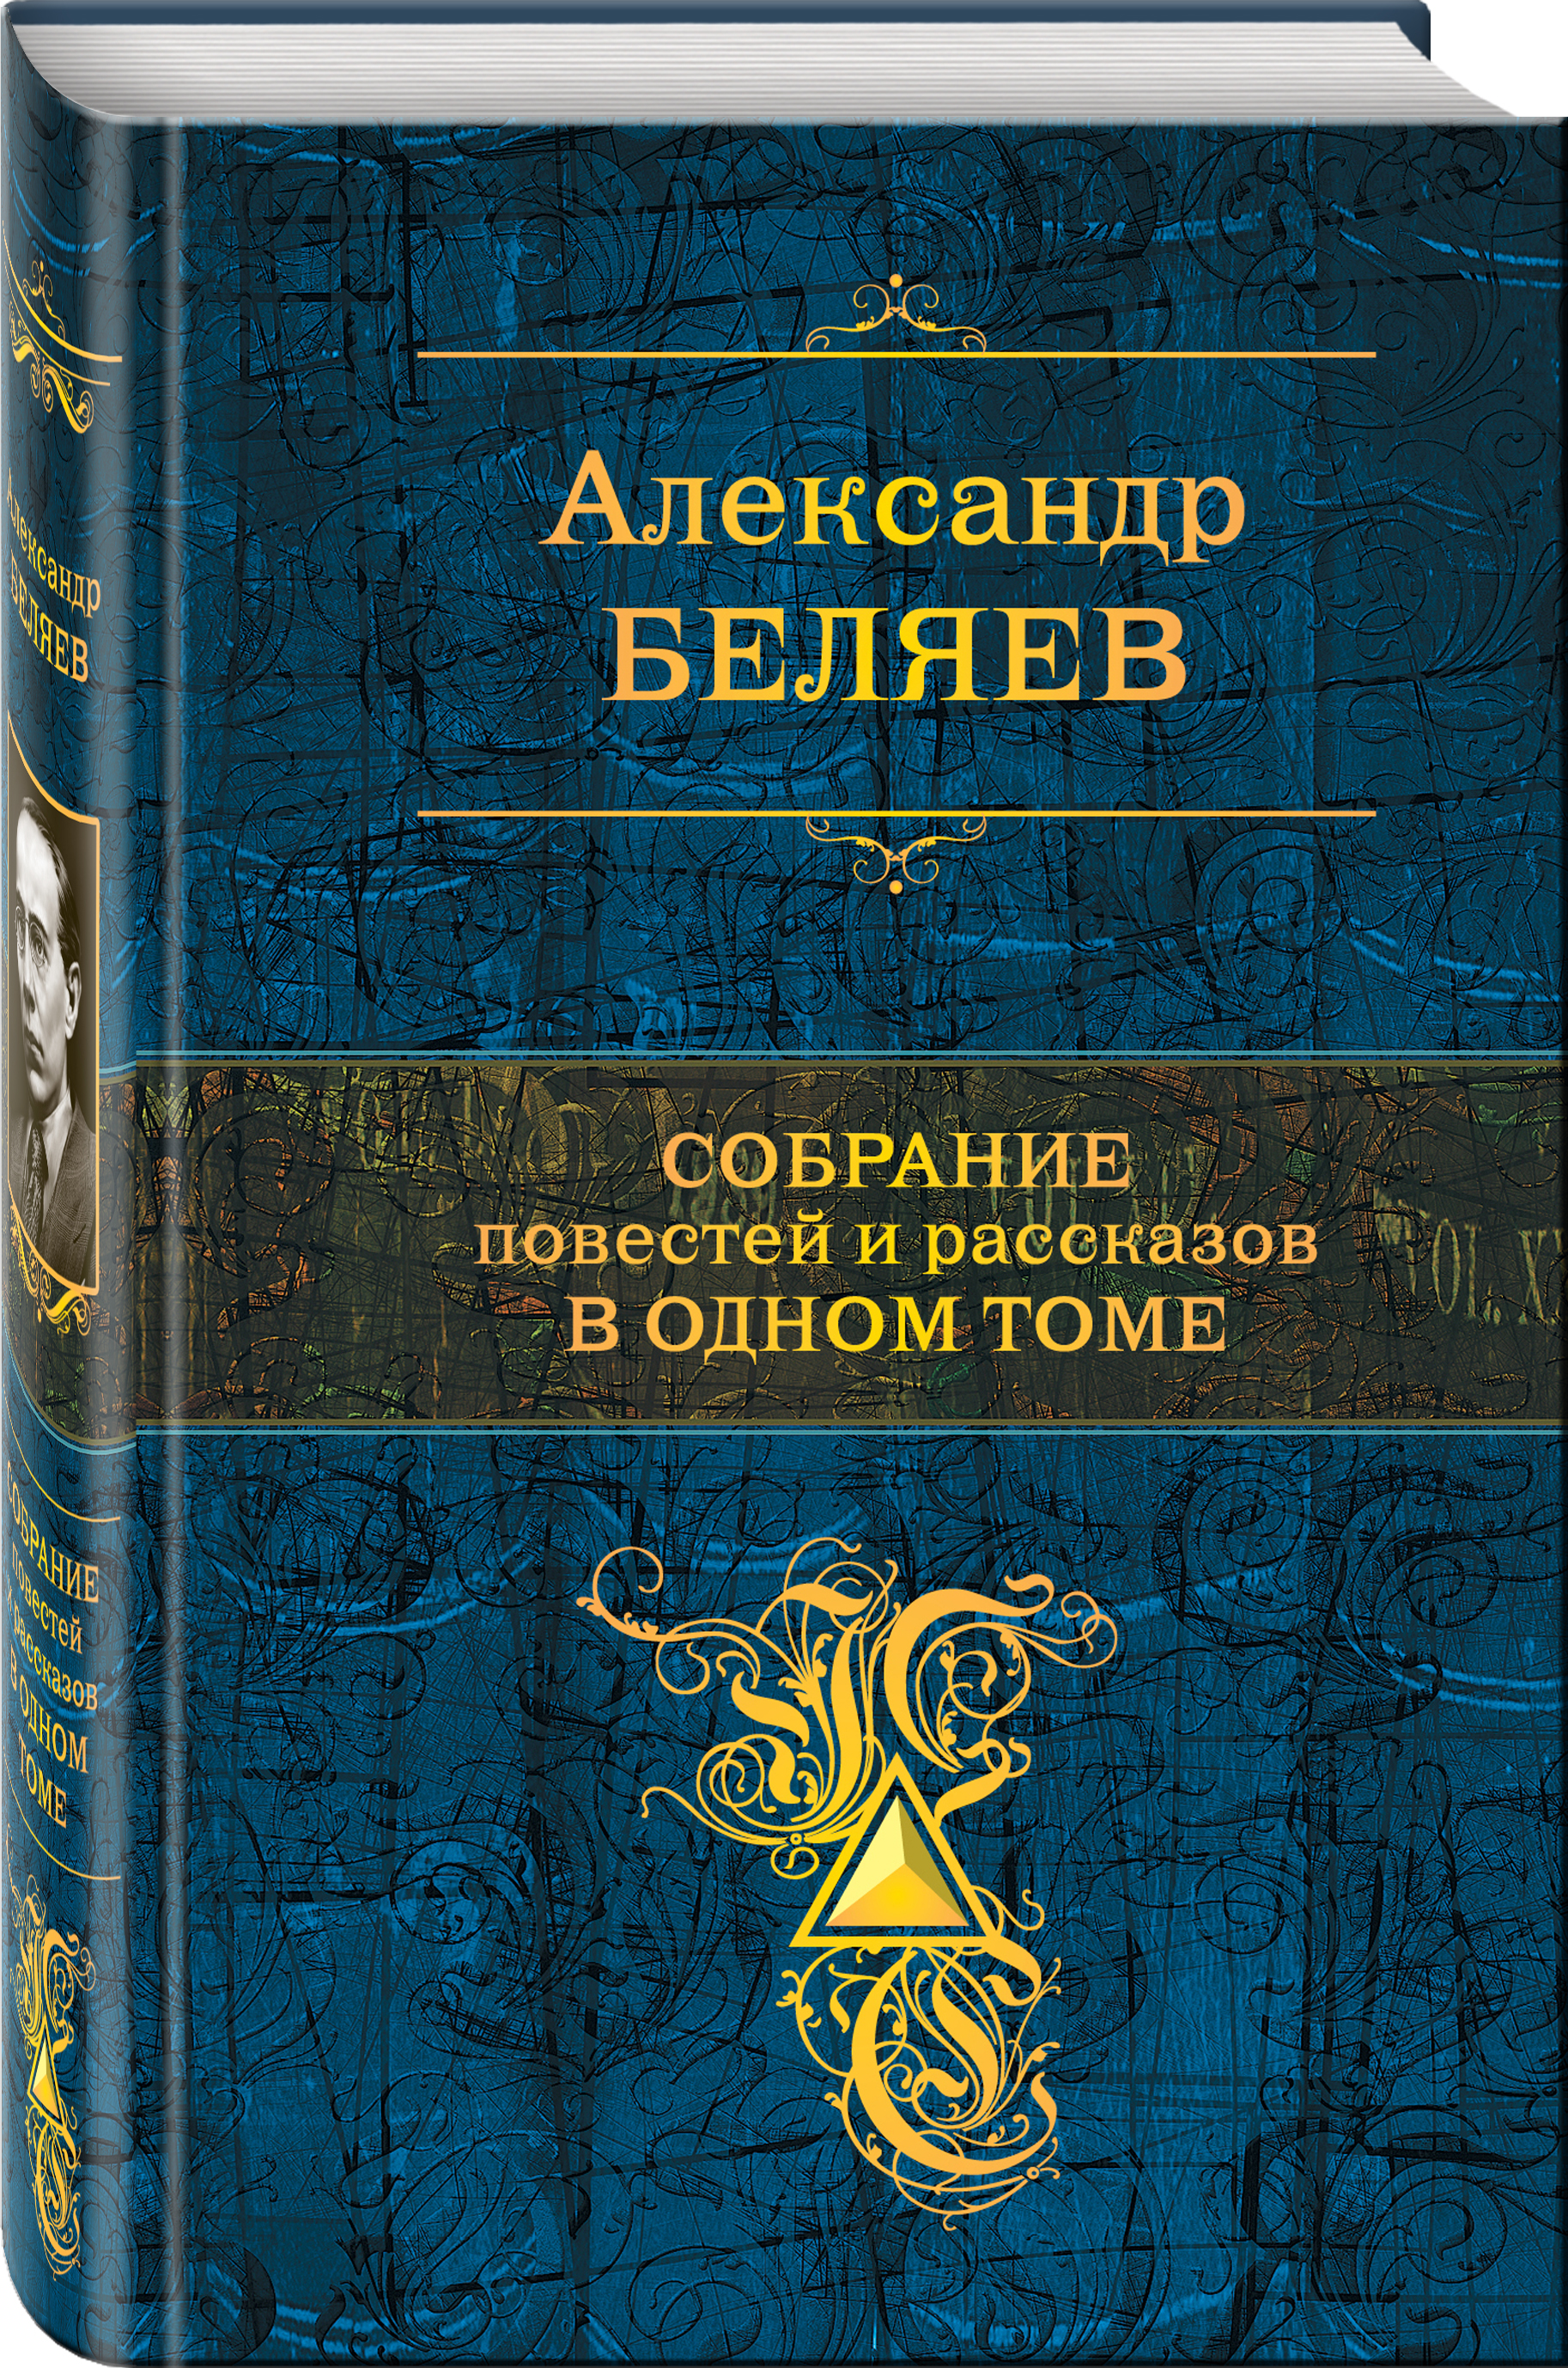 Беляев Александр Романович Собрание повестей и рассказов в одном томе